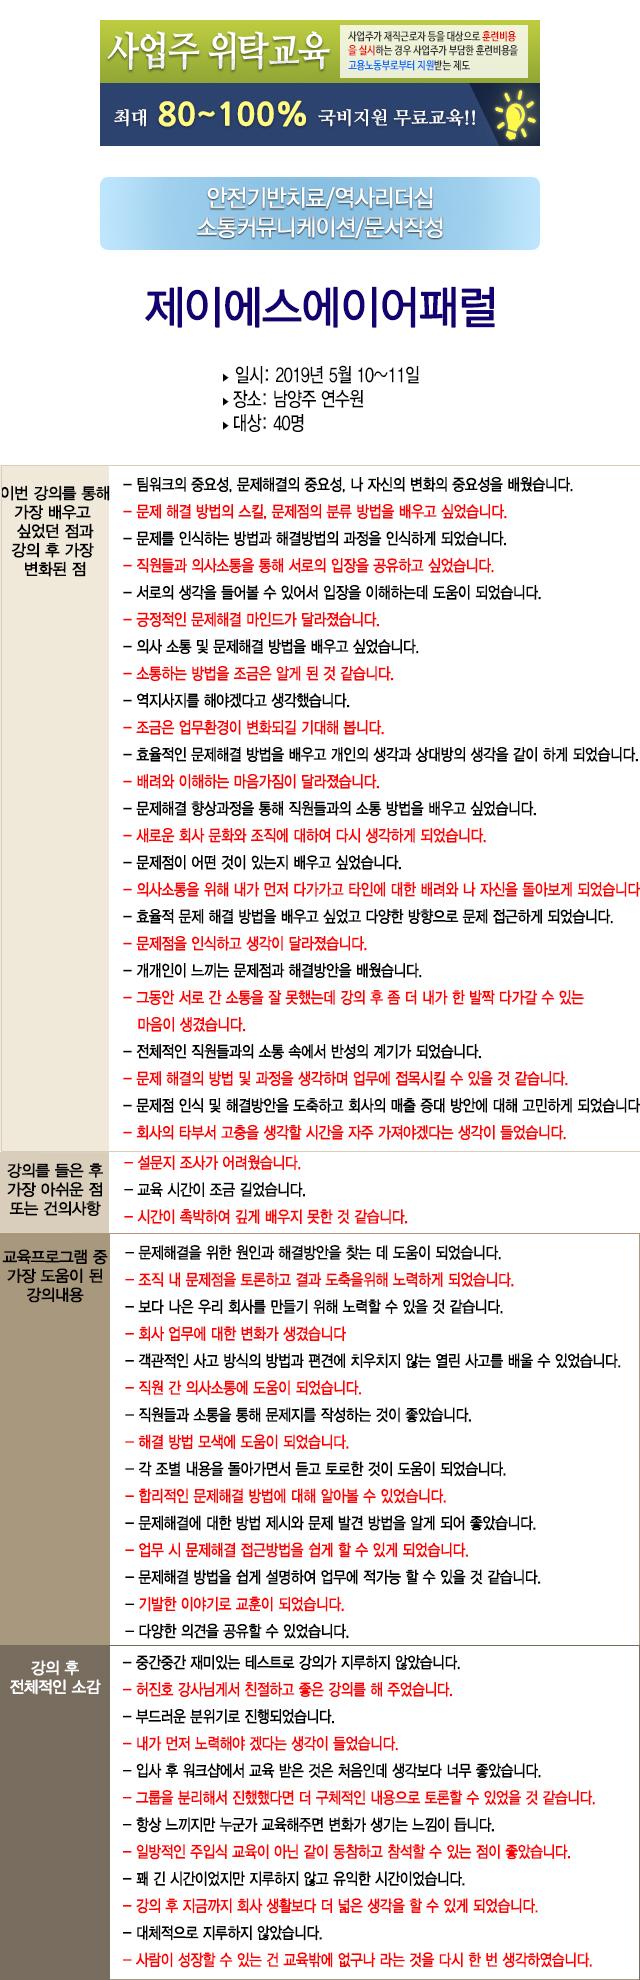 한국중앙인재개발원 후기 제이에스에이어패럴.jpg